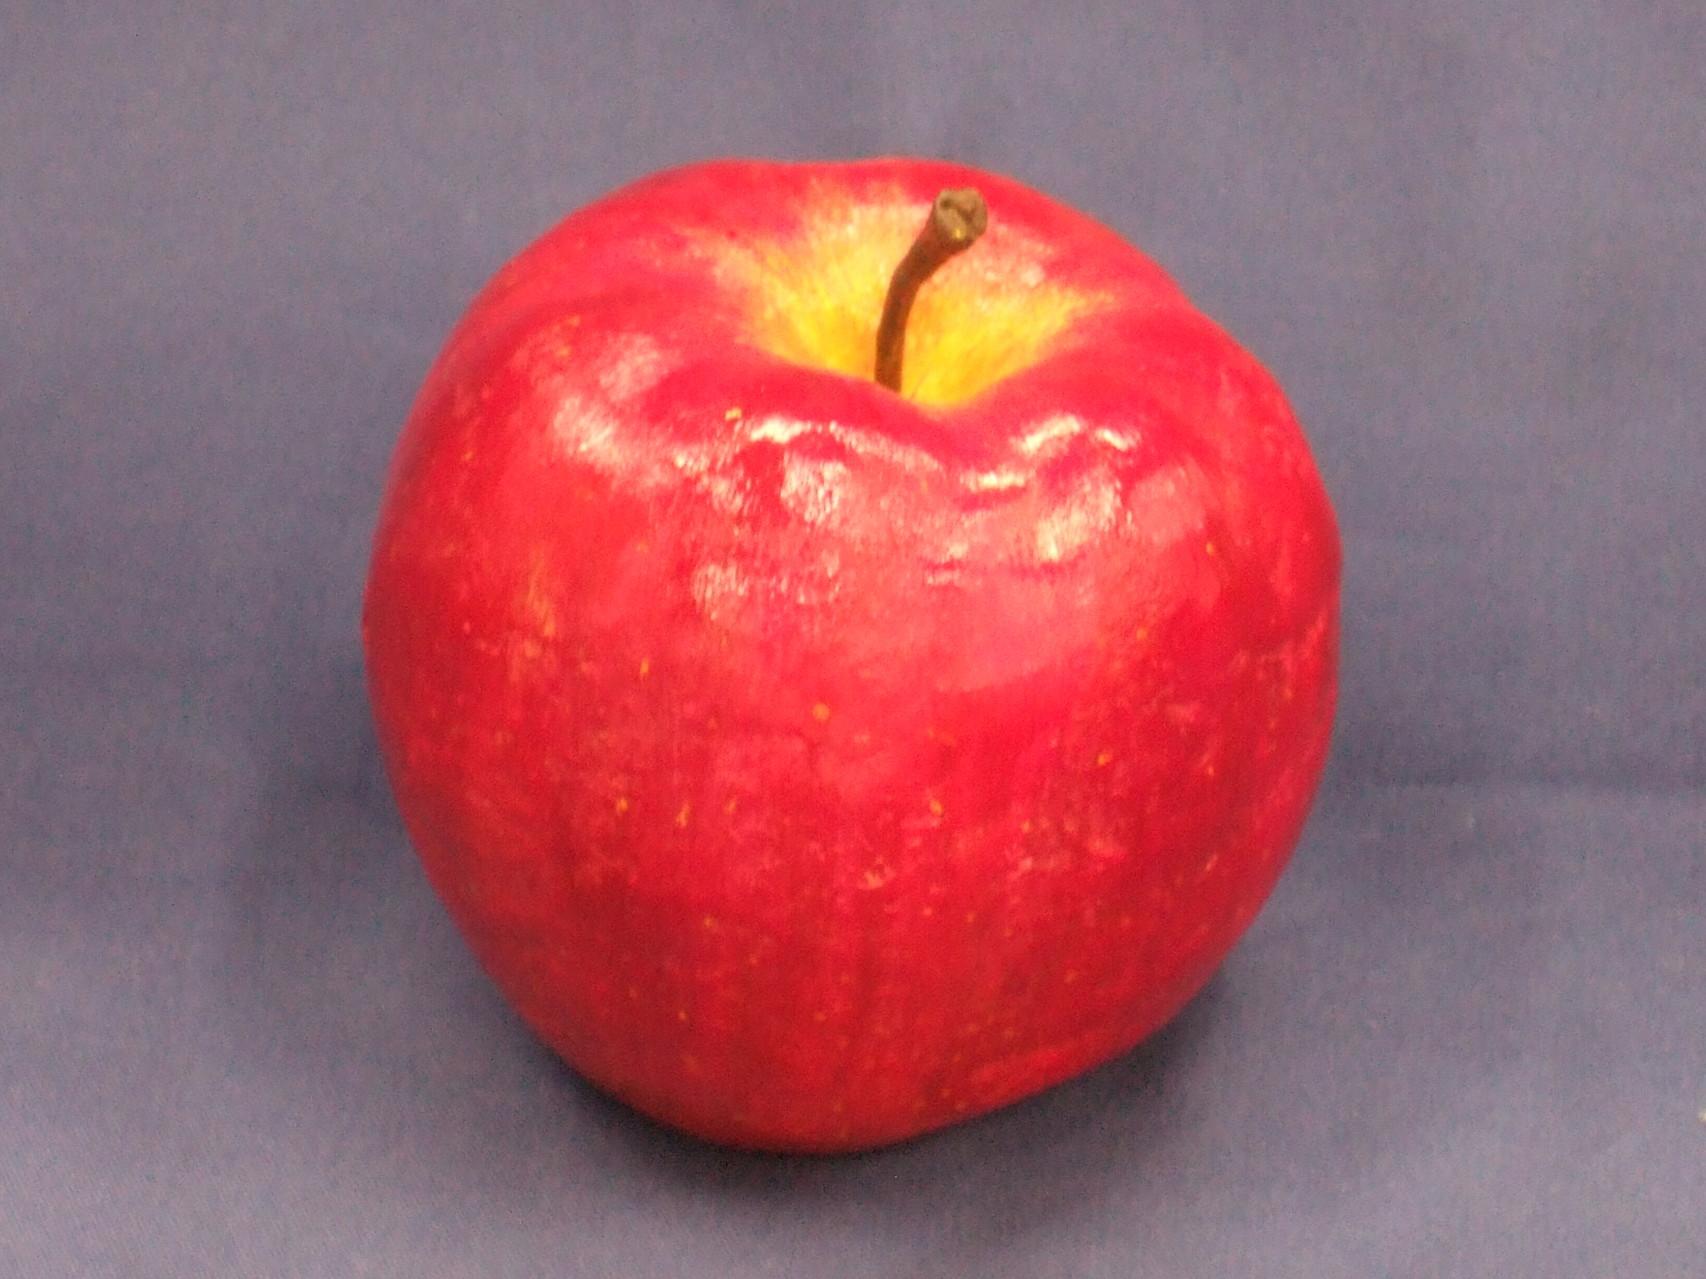 生徒作品103  「立体実習<リンゴ>」 石粉粘土に彩色 現物大 【デザイン系】